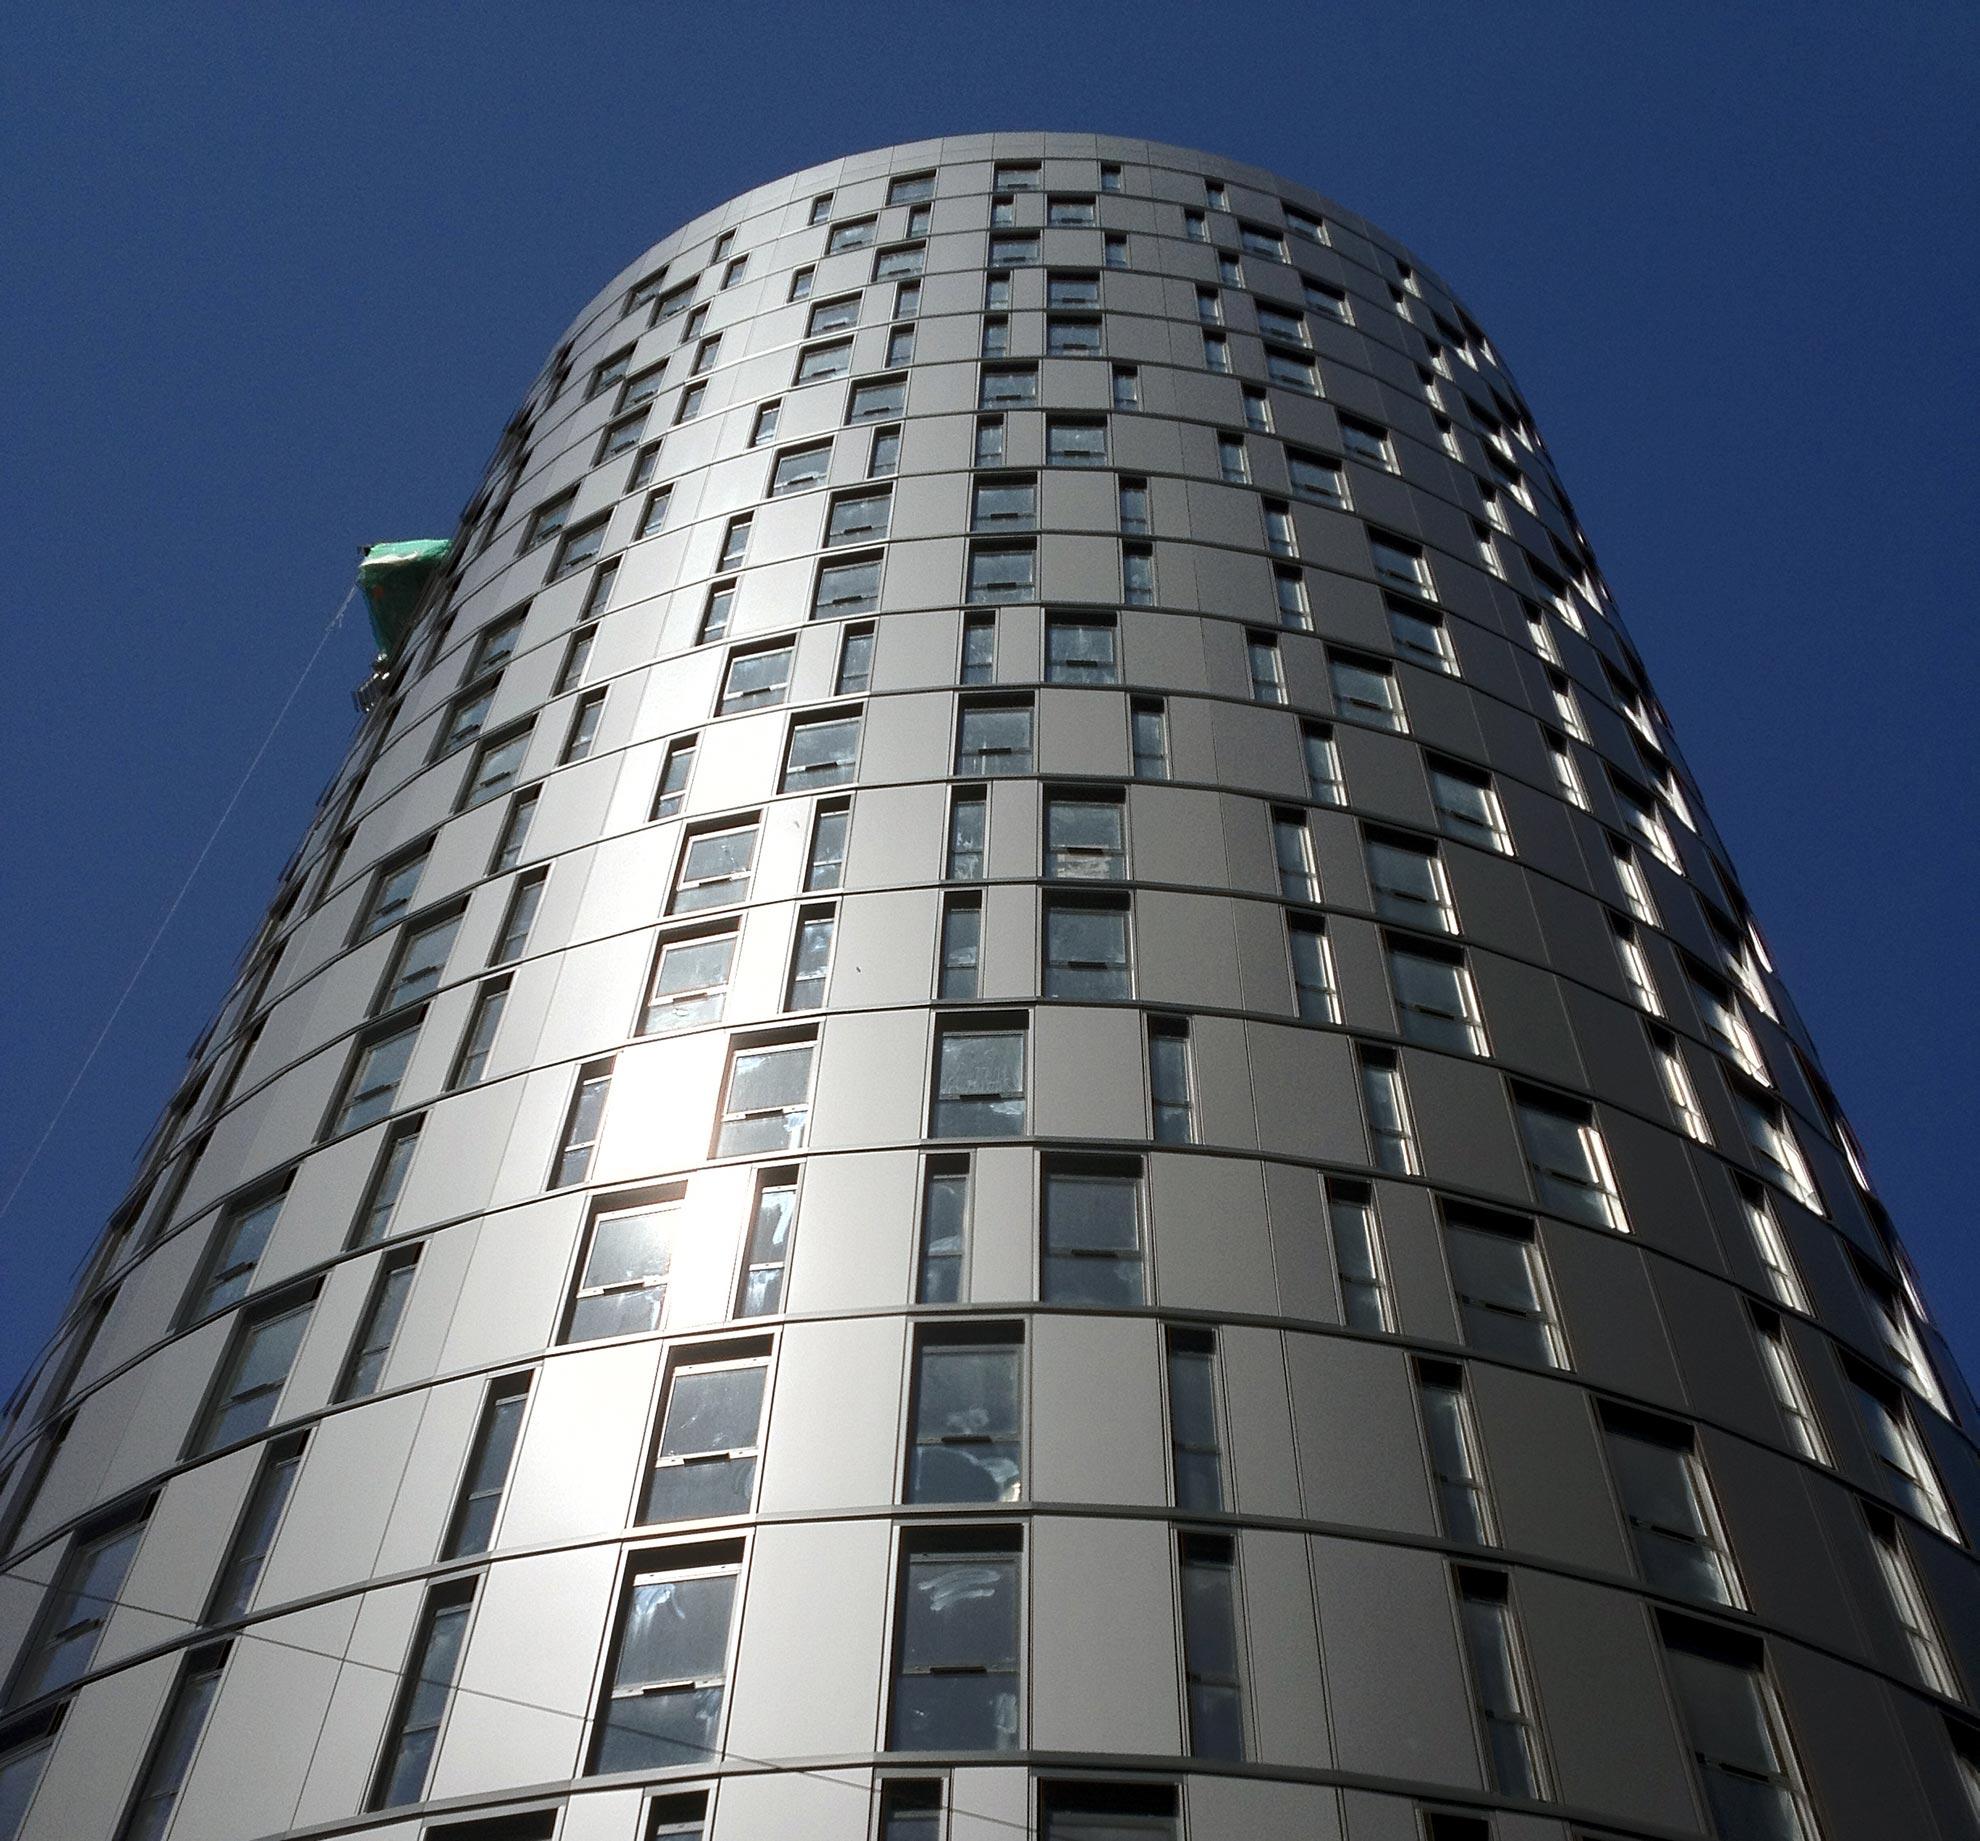 Edificio-Eastern-Boulevard.-Leicester-UK.-larson-PE-1_1591099470.jpg